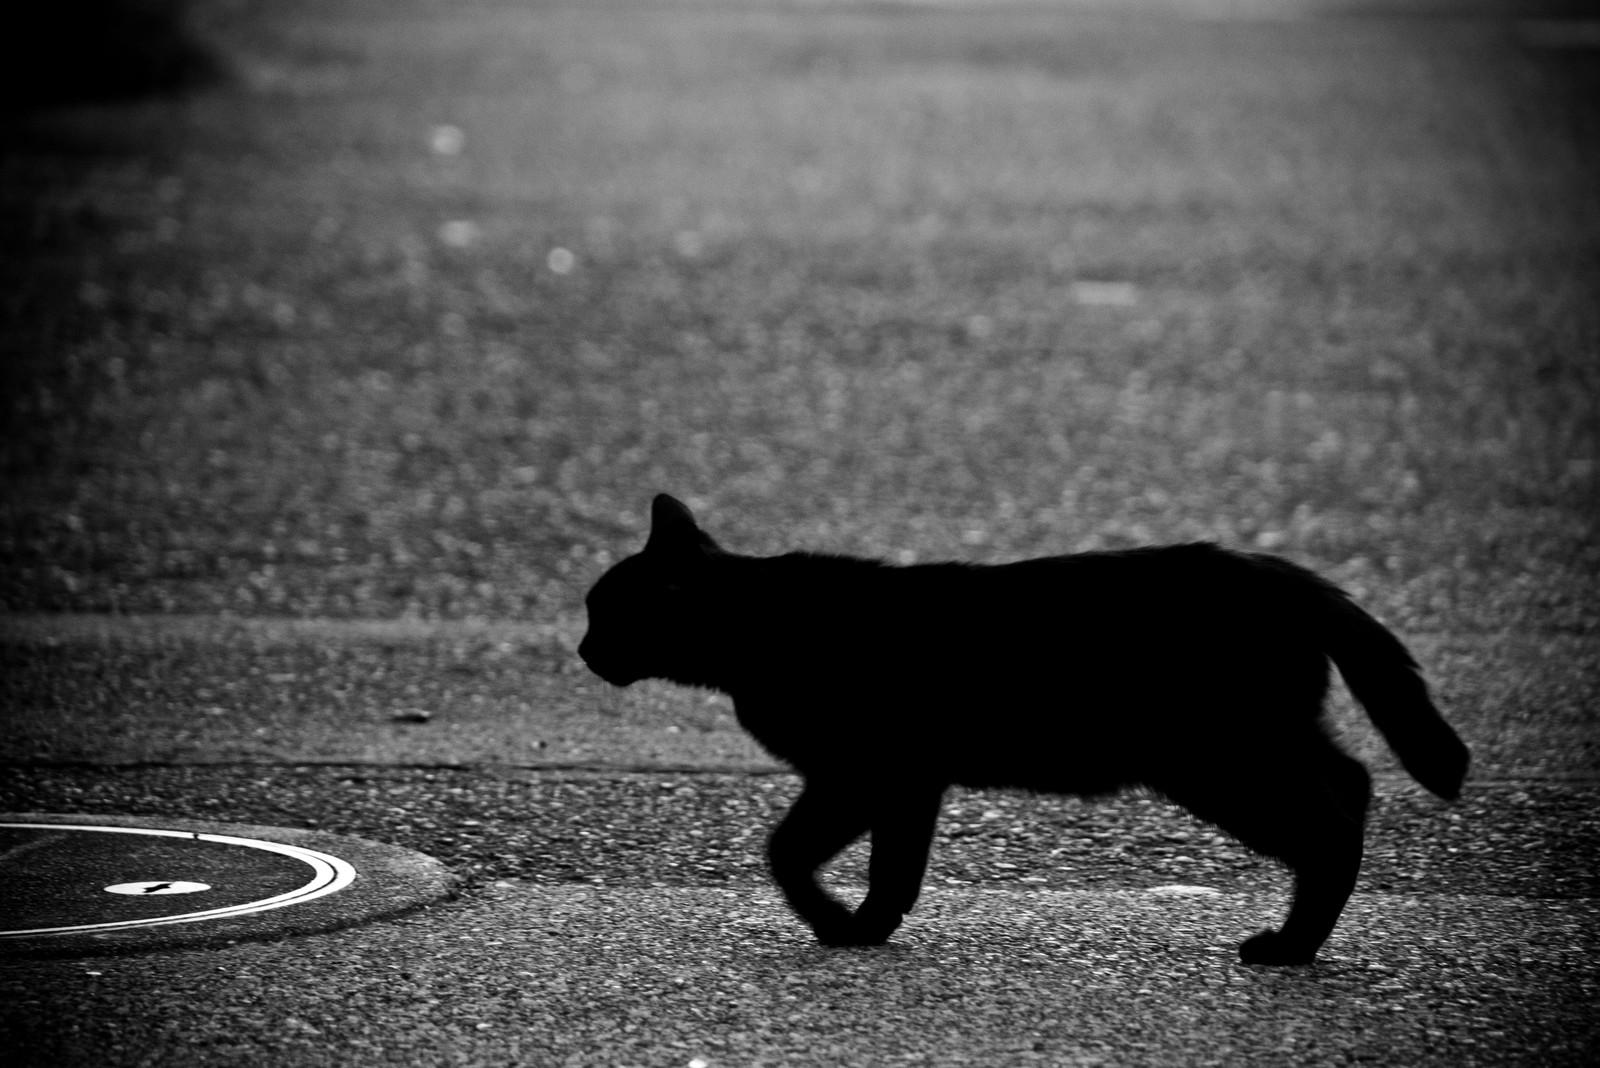 黒猫の死とつちかいの幽霊体験